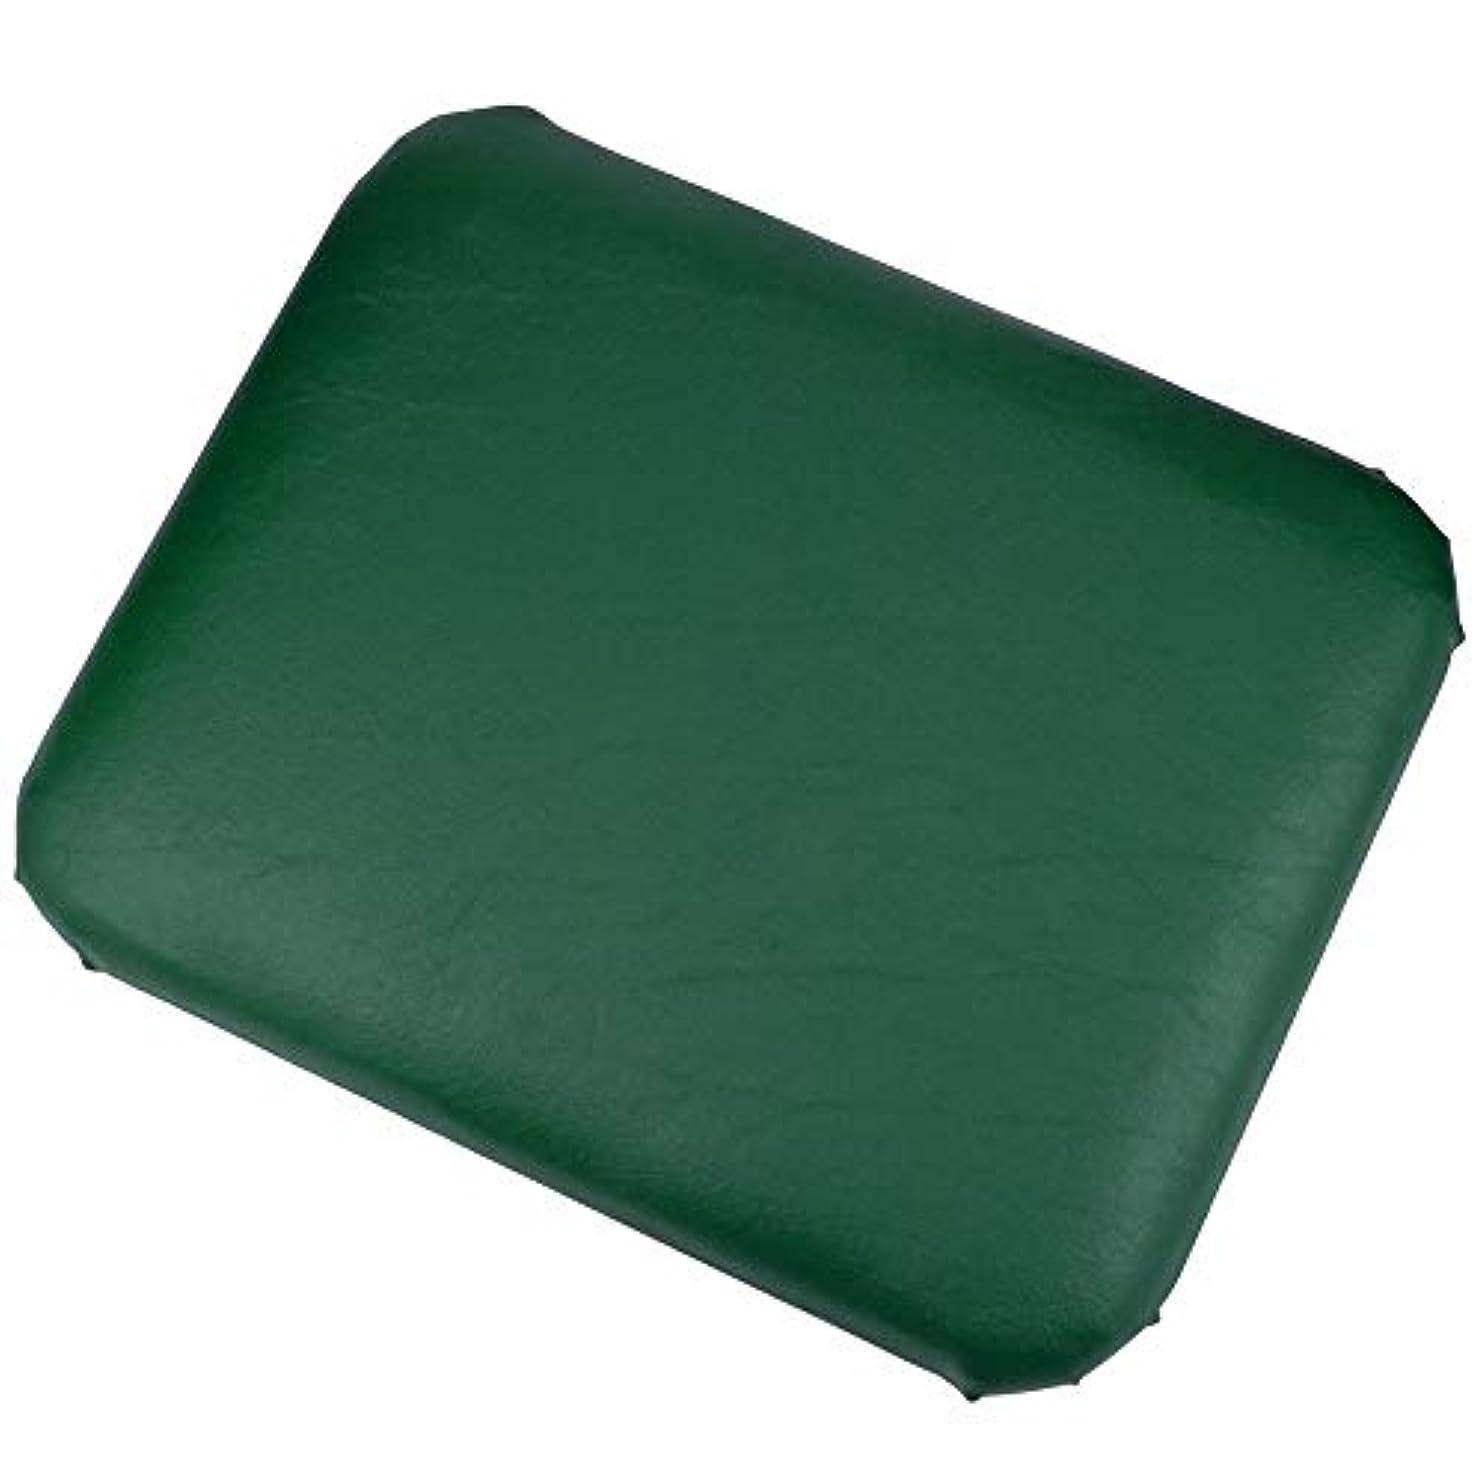 ハーブリクルート集団LLOYD (ロイド) テーブルボード 骨盤 マッサージ 柔らかすぎる テーブル や ベッド を安定させ 脊椎 の 前方変位 の 矯正 などにも最適 【フォレスト】